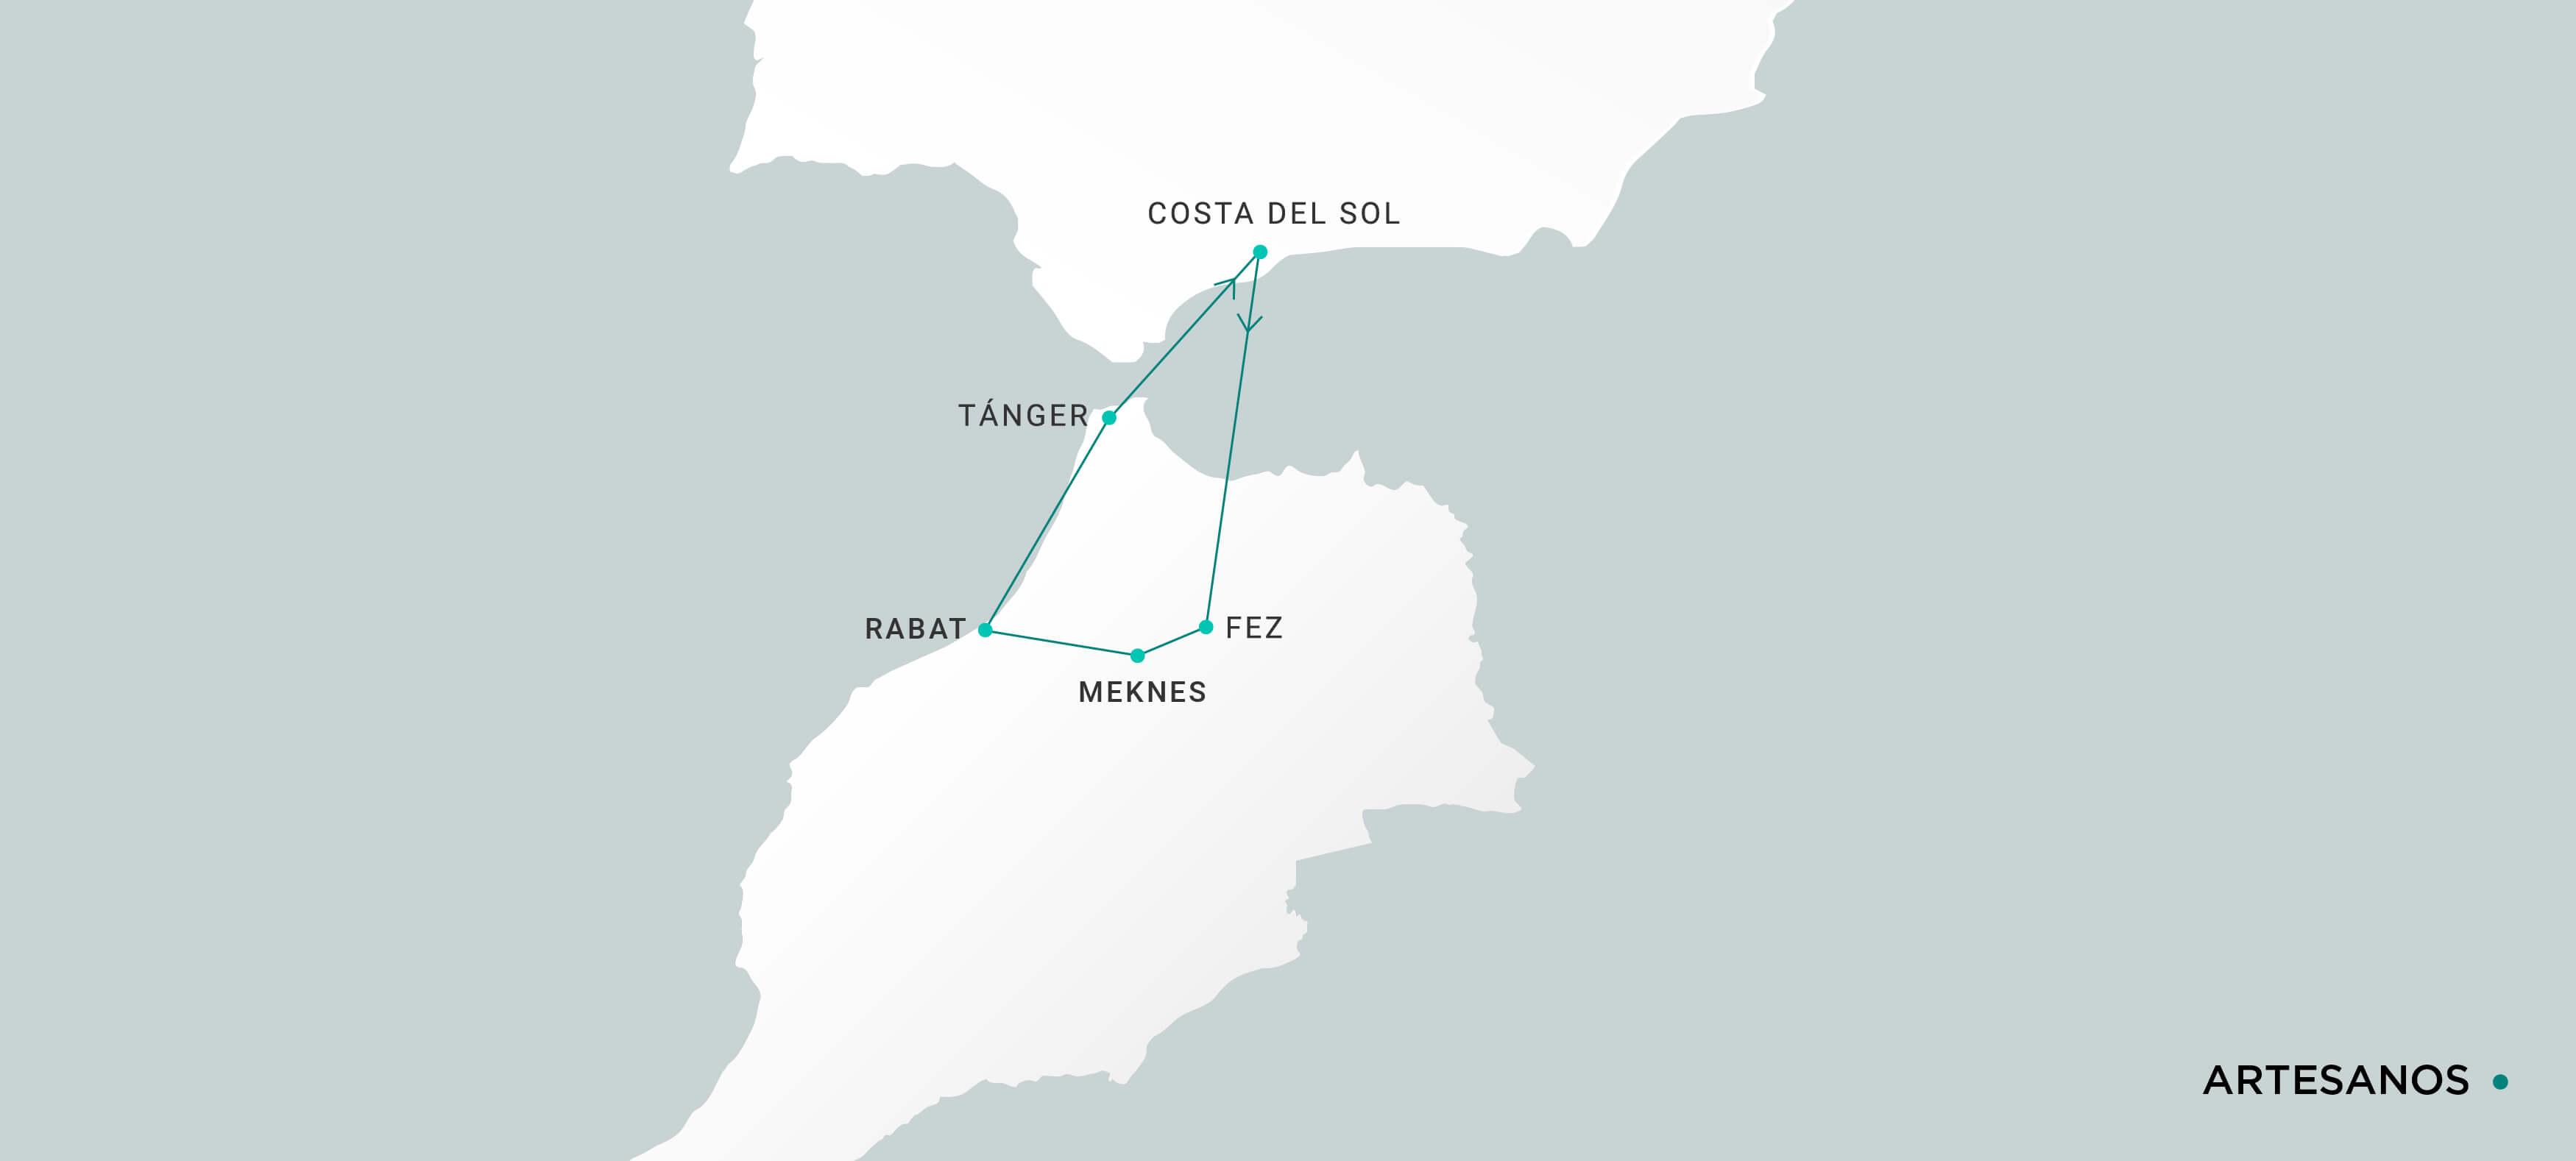 Mapa Artesanos